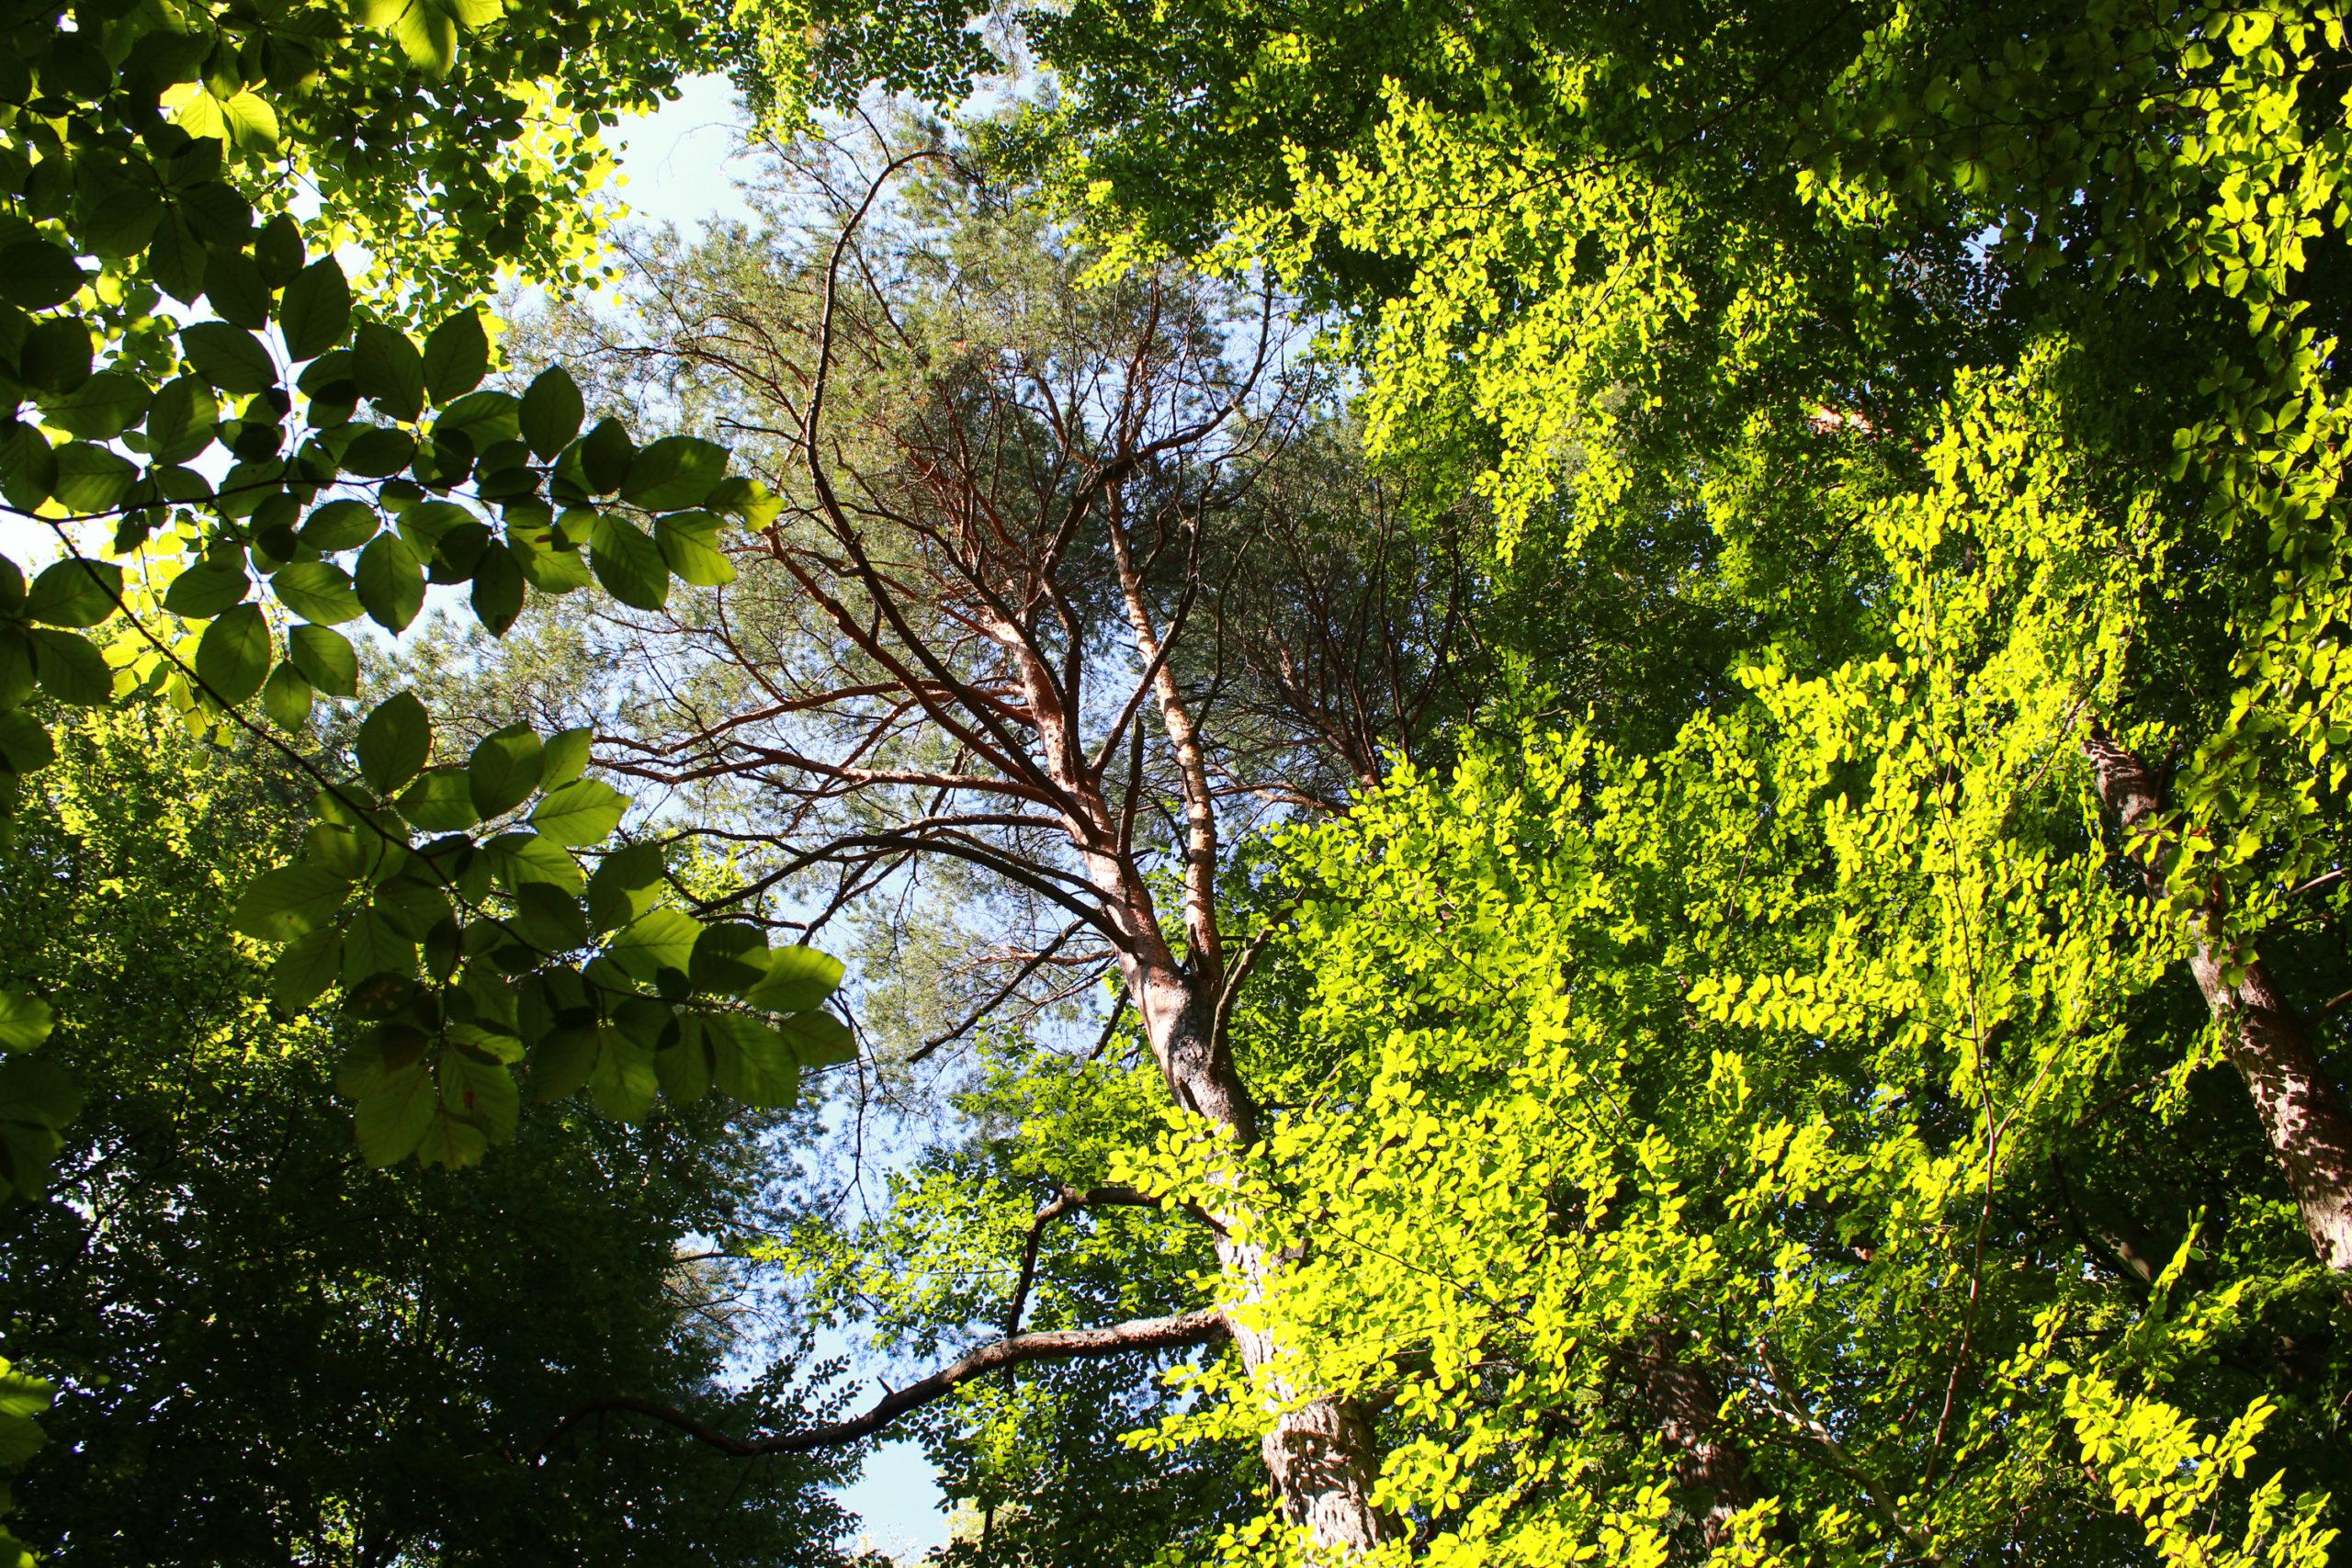 widok na koronę drzewa w lesie